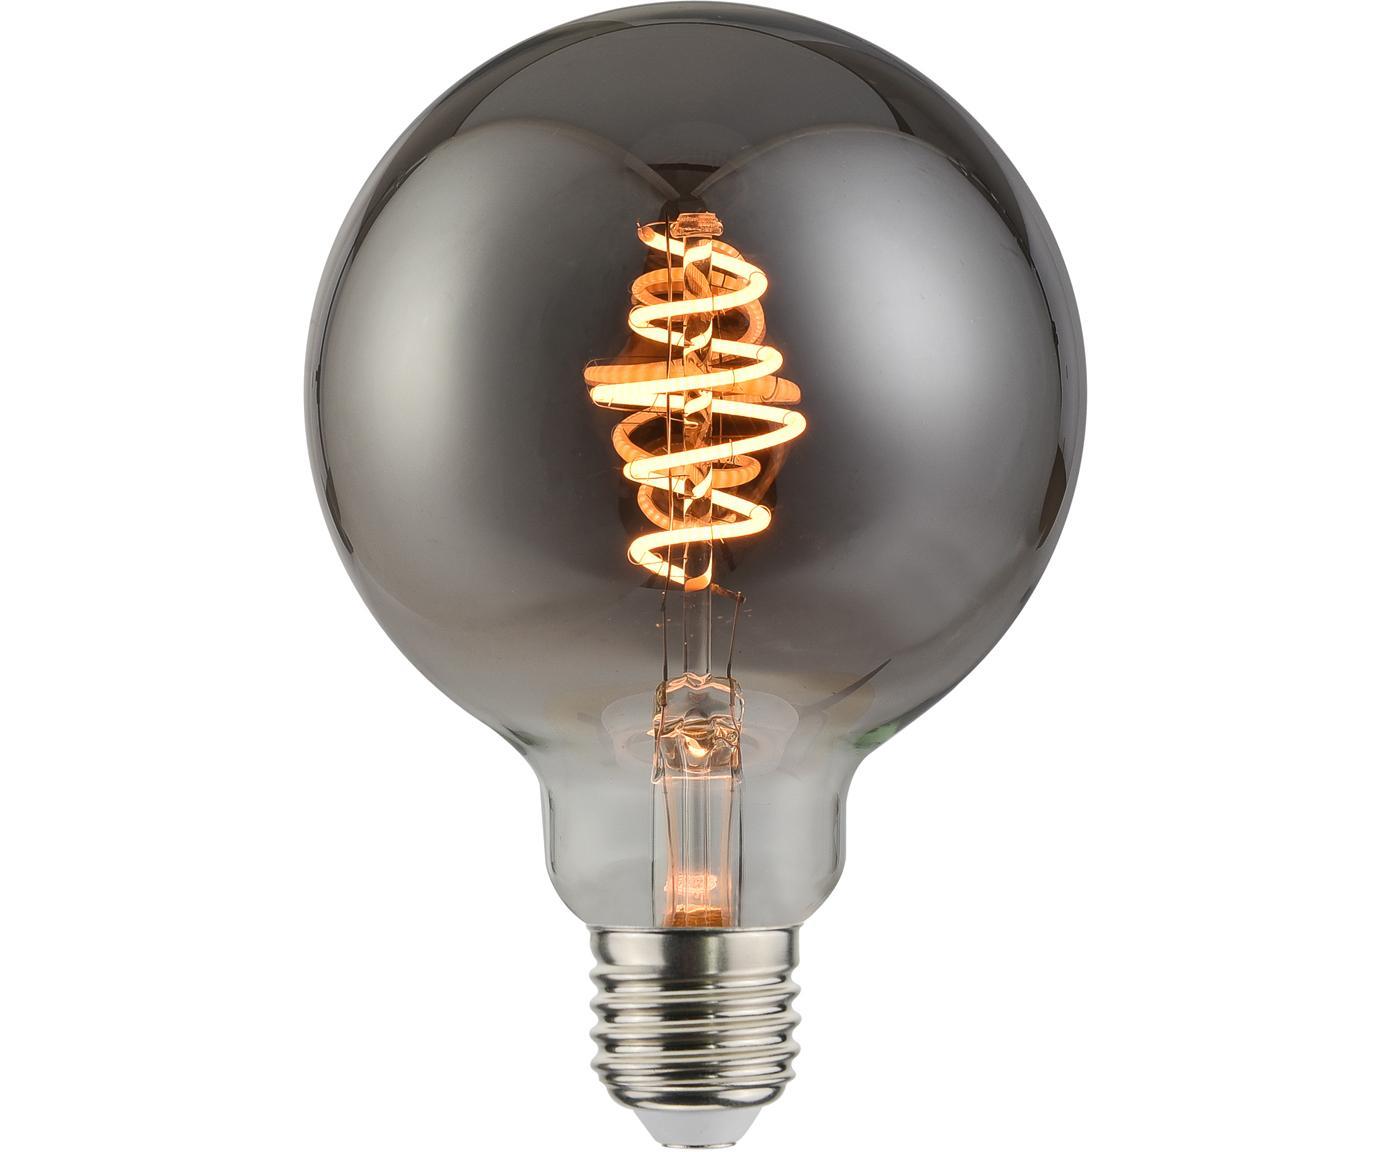 Dimmbares LED Leuchtmittel Spiral Deco Globe (E27/5W), Leuchtmittelschirm: Glas, Leuchtmittelfassung: Metall, Grau, transparent, Ø 10 x H 14 cm